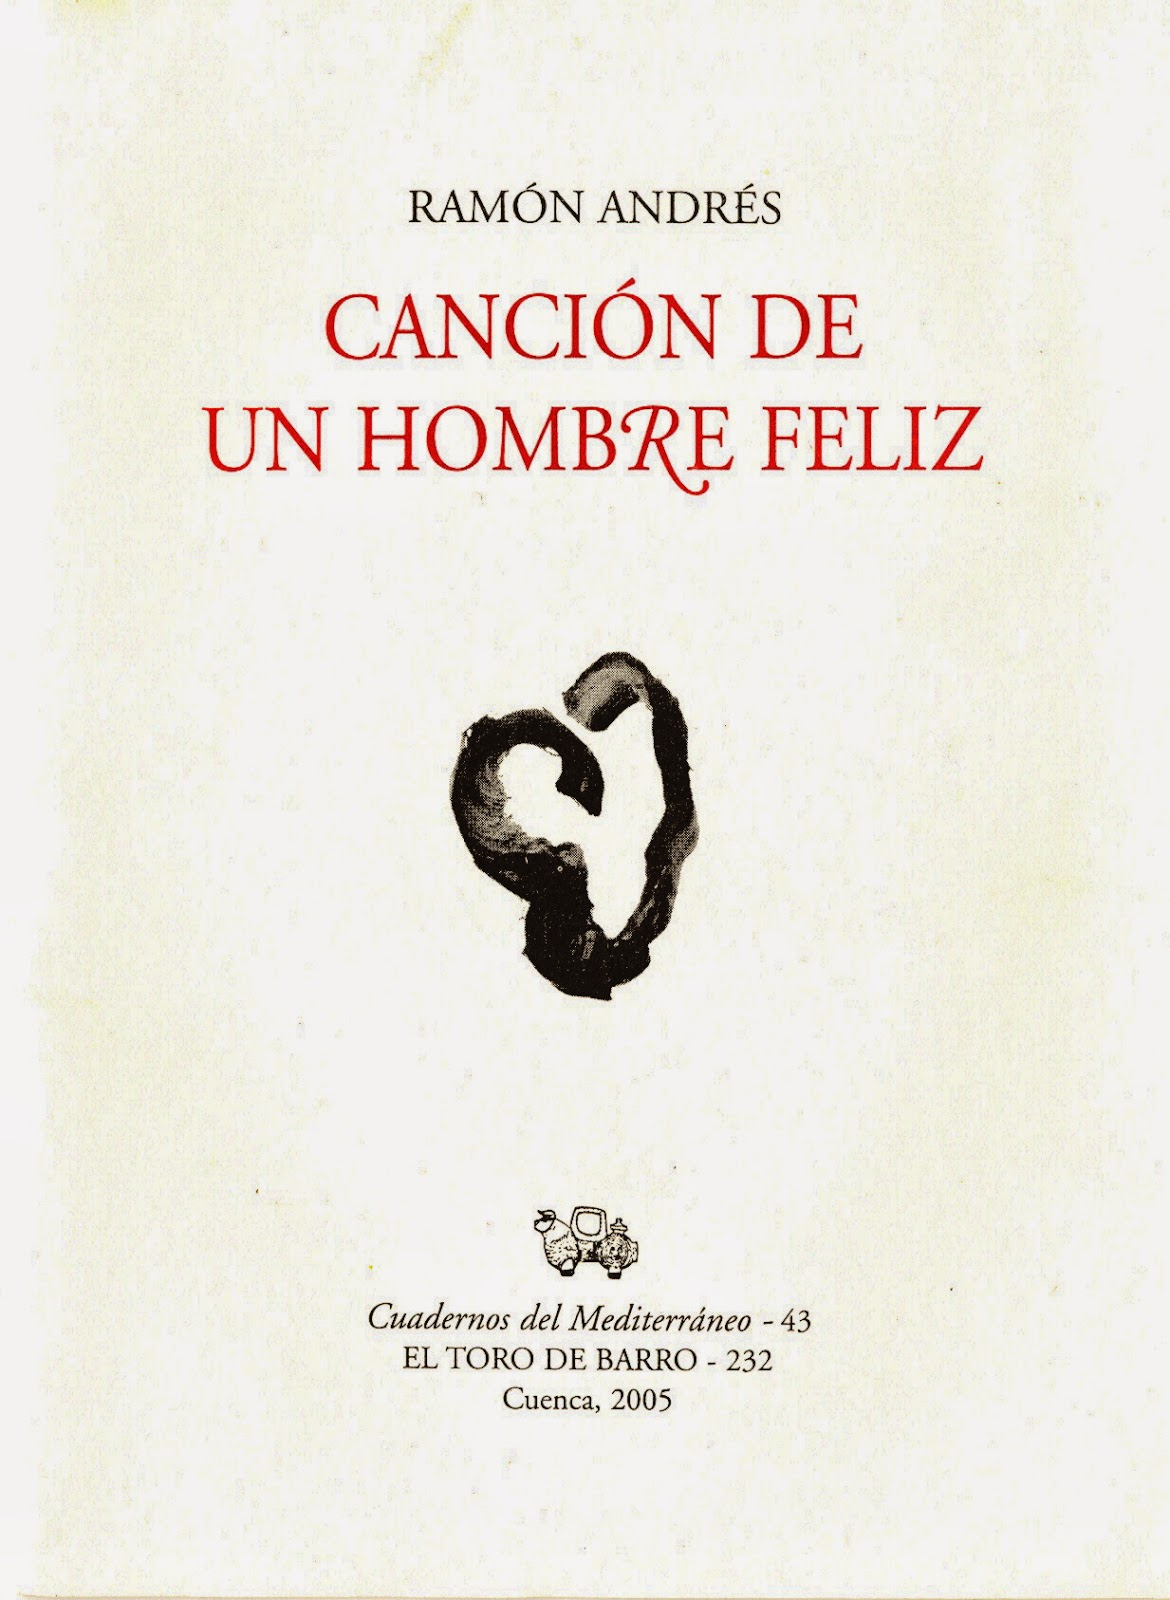 """Ramón Andrés, """"Canción de un hombre feliz"""", Cuadernos del Mediterráneo Nº 43. Ediciones El toro de Barro, Tarancón de Cuenca 2005"""